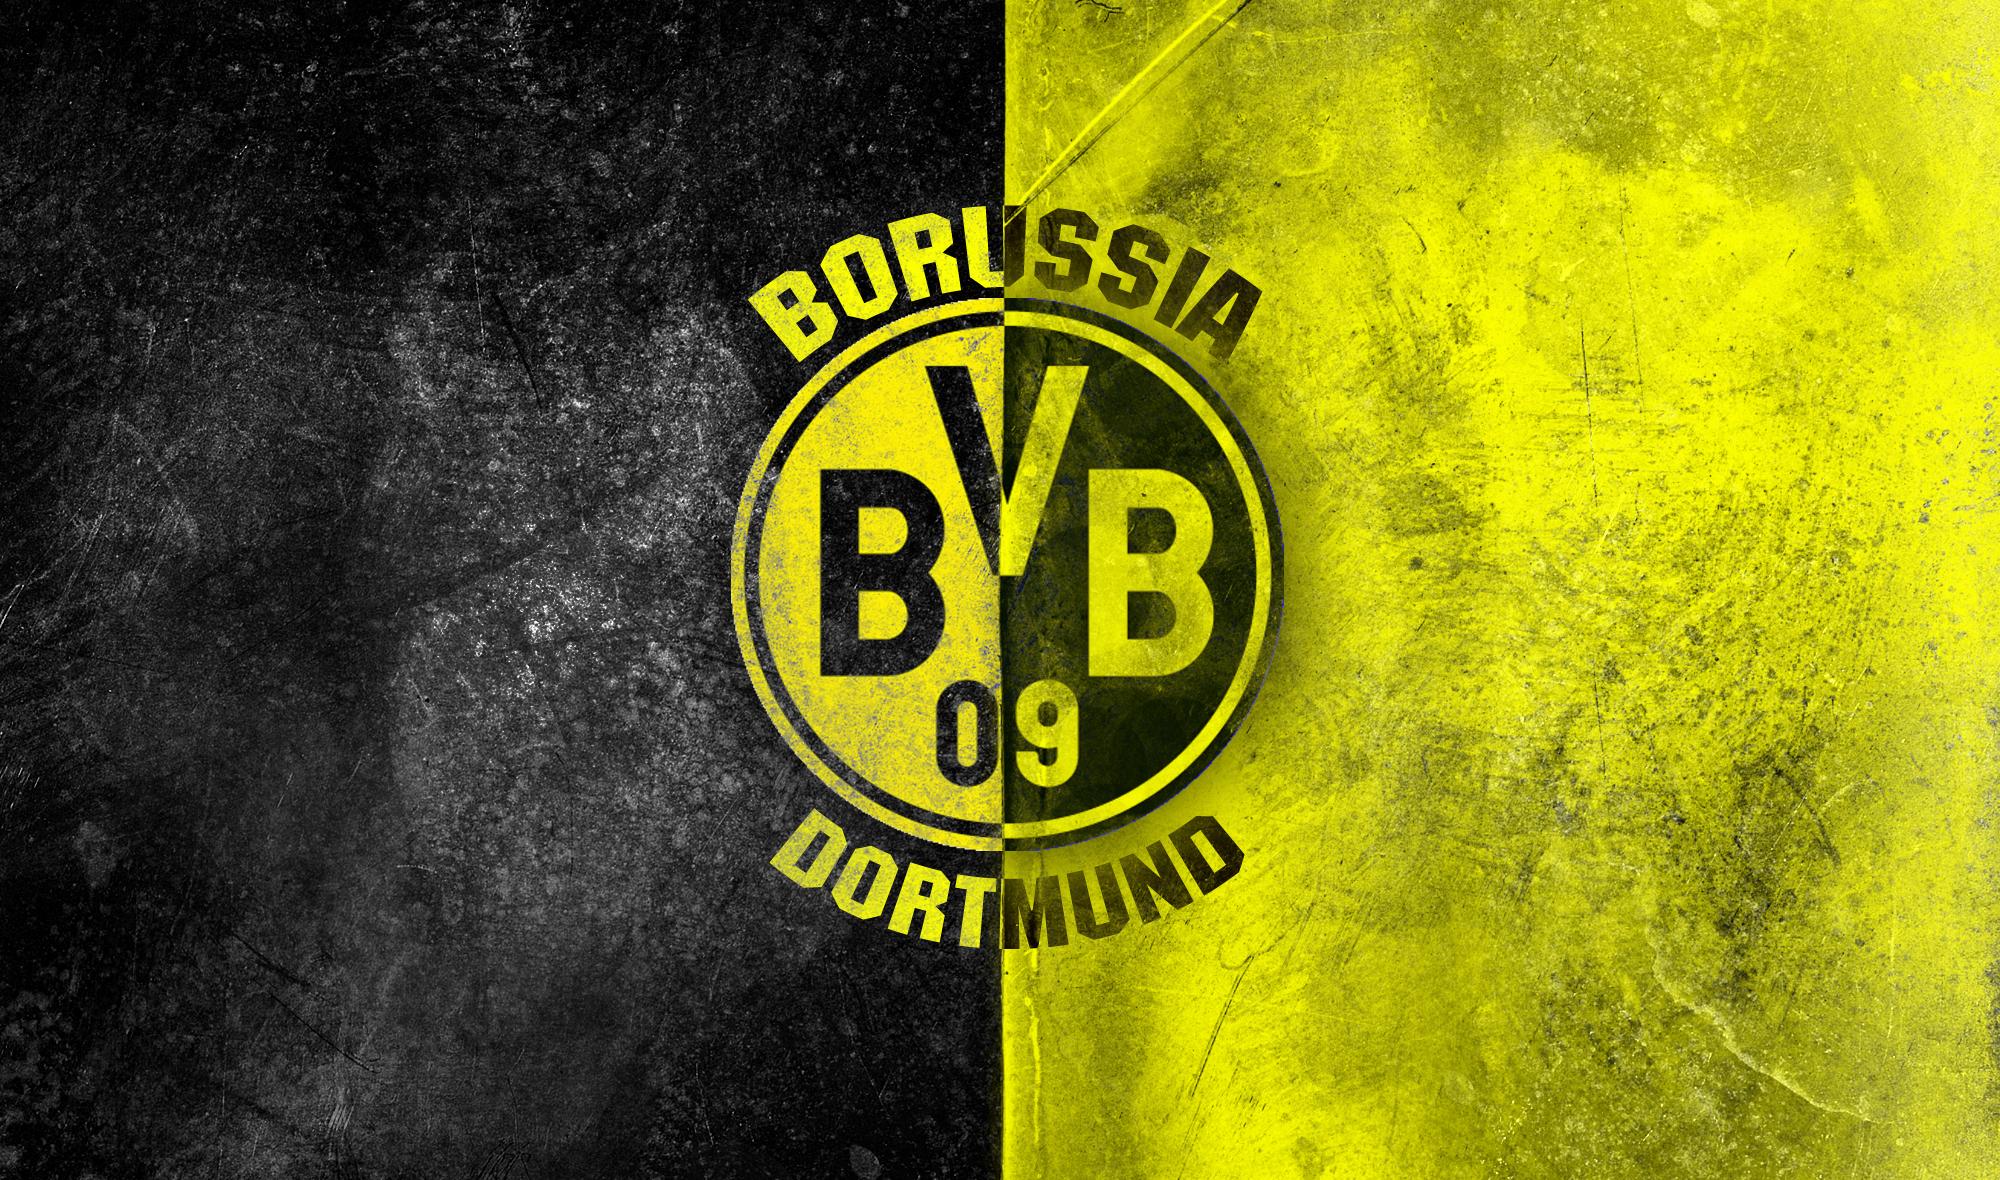 Borussia Dortmund Wallpaper Dortmund Borussia Dortmund Samsung